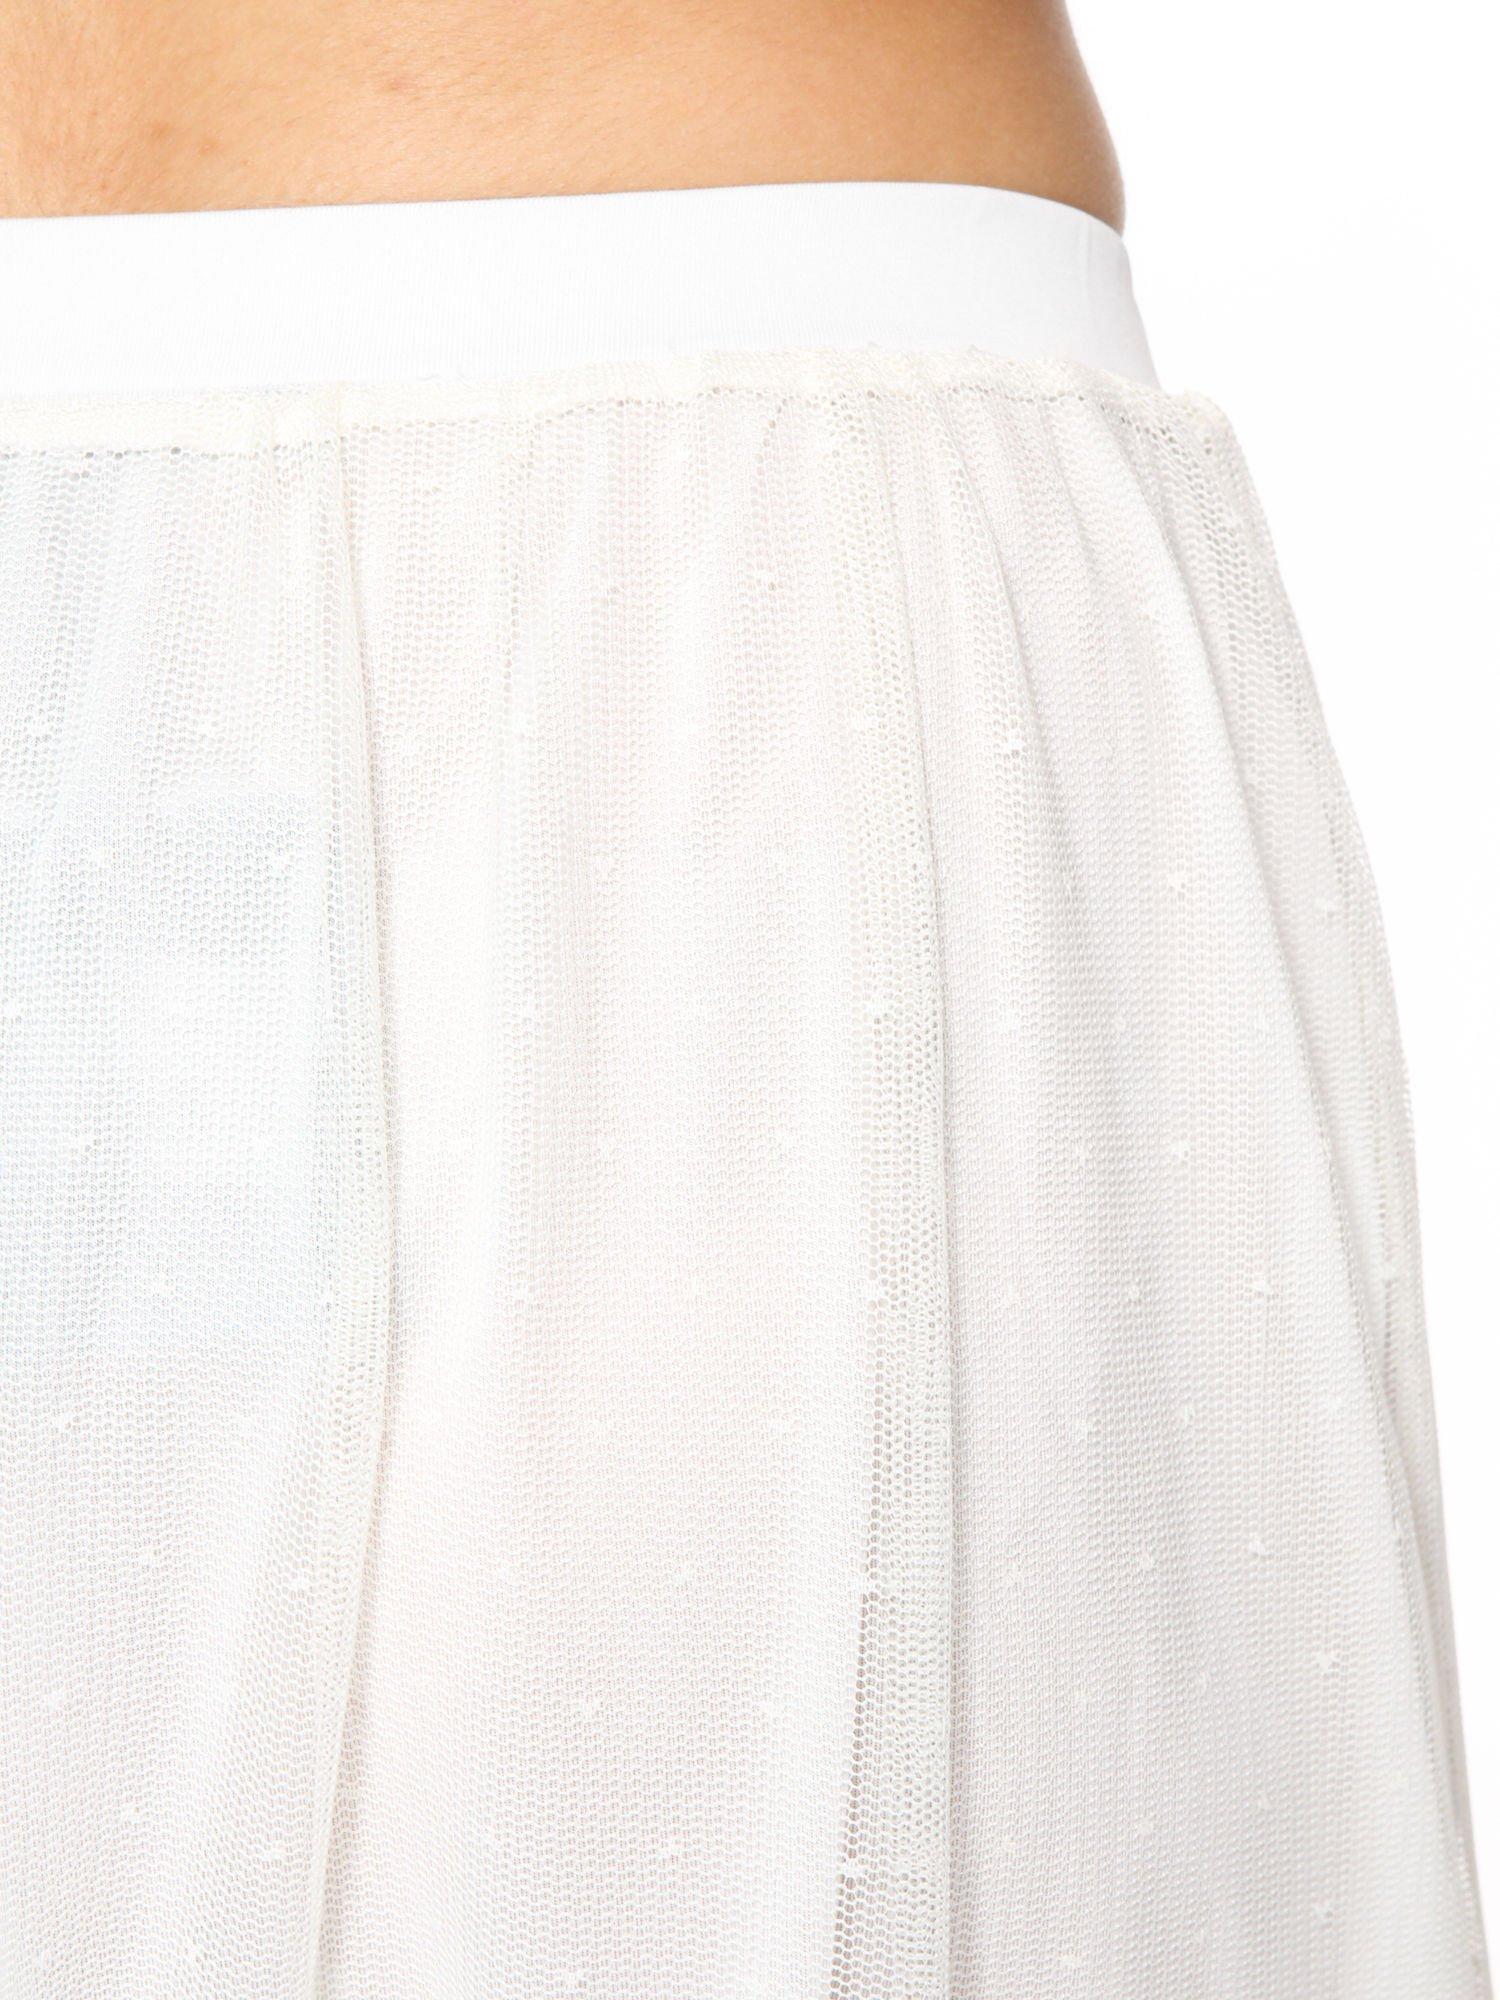 Biała ażurowa spódnica z zielonym pasem                                  zdj.                                  5